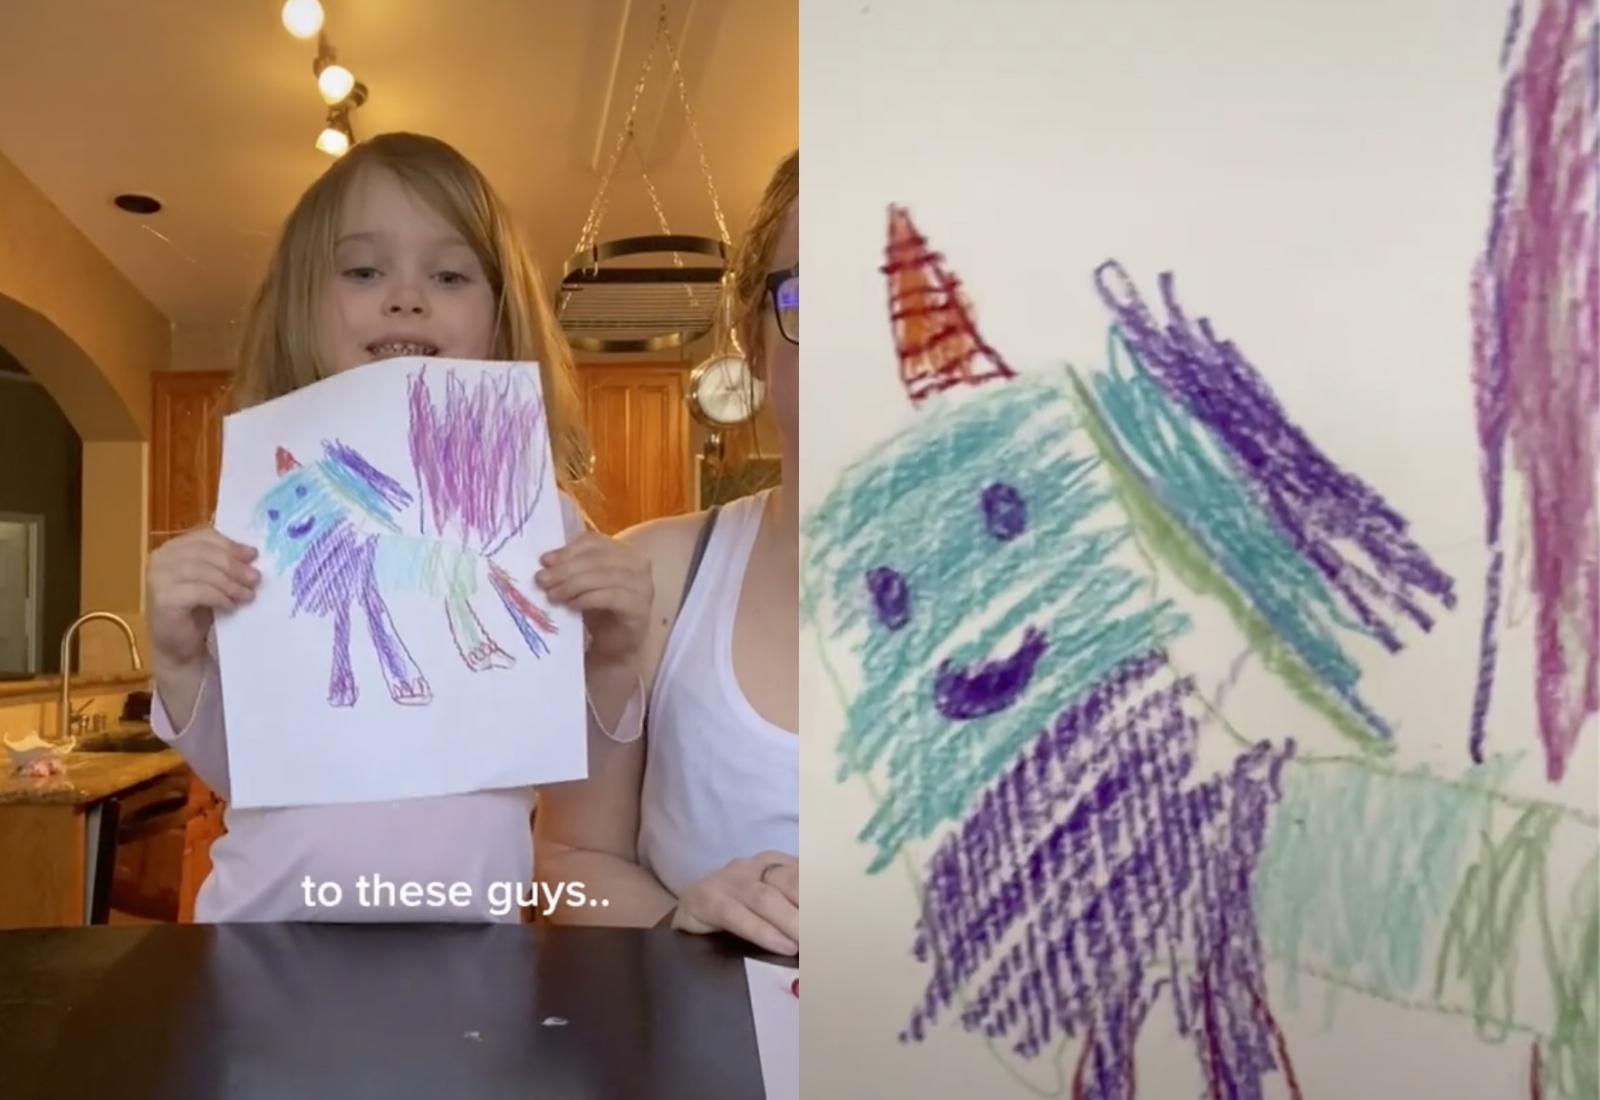 Кадры из видео © TikTok / autist_artist_